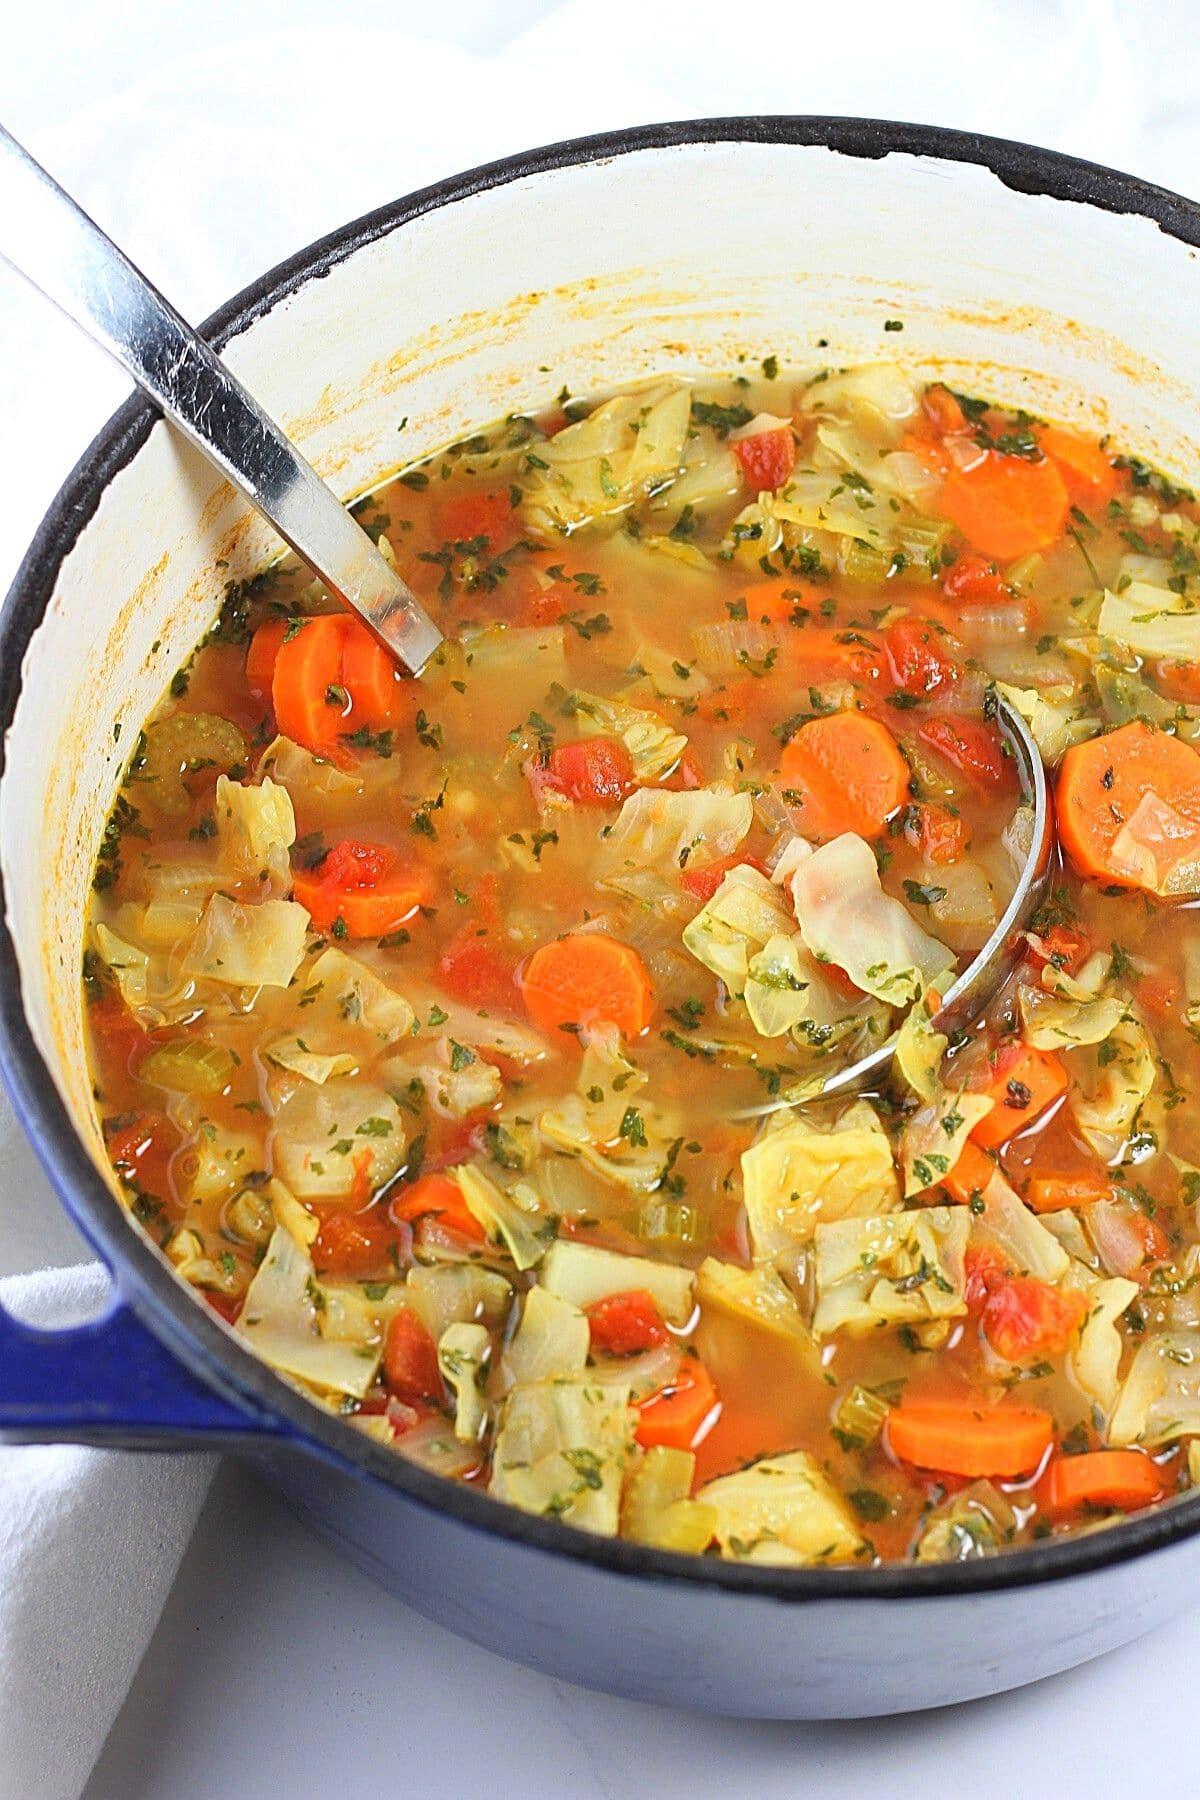 pot of low-calorie cabbage soup with a ladle